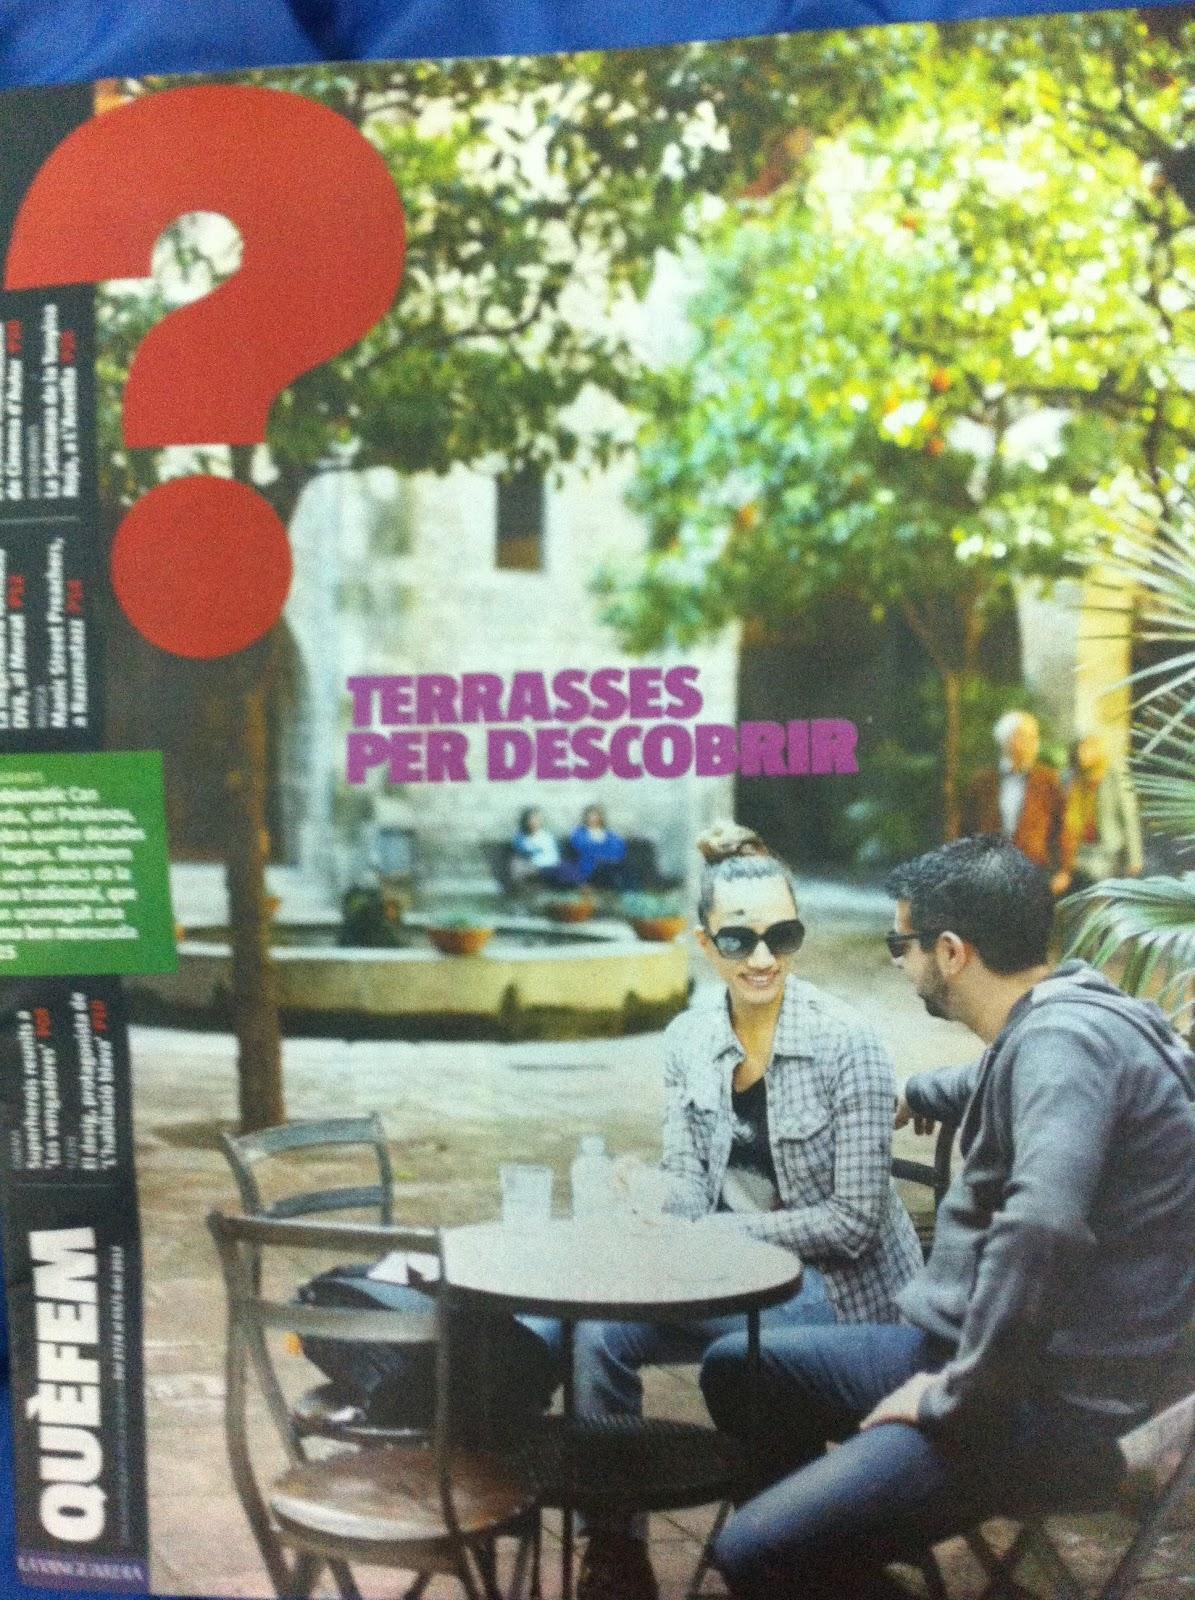 Muebles de exterior barcelona mesas y sillas de estilo - Muebles hosteleria barcelona ...